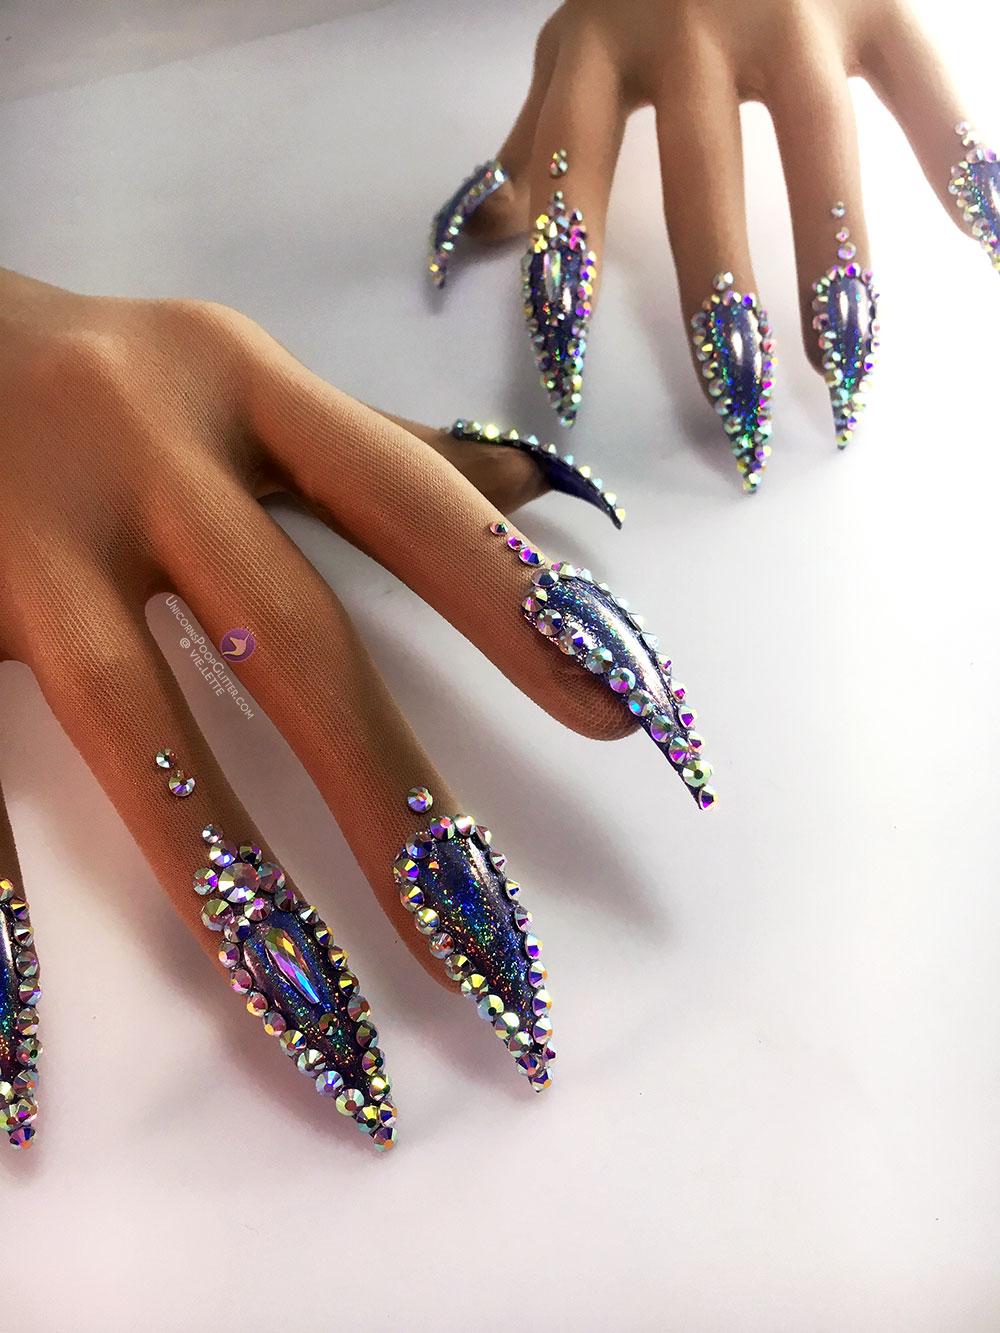 Glitter Holo – Nail Gloves – Unicorns Poop Glitter